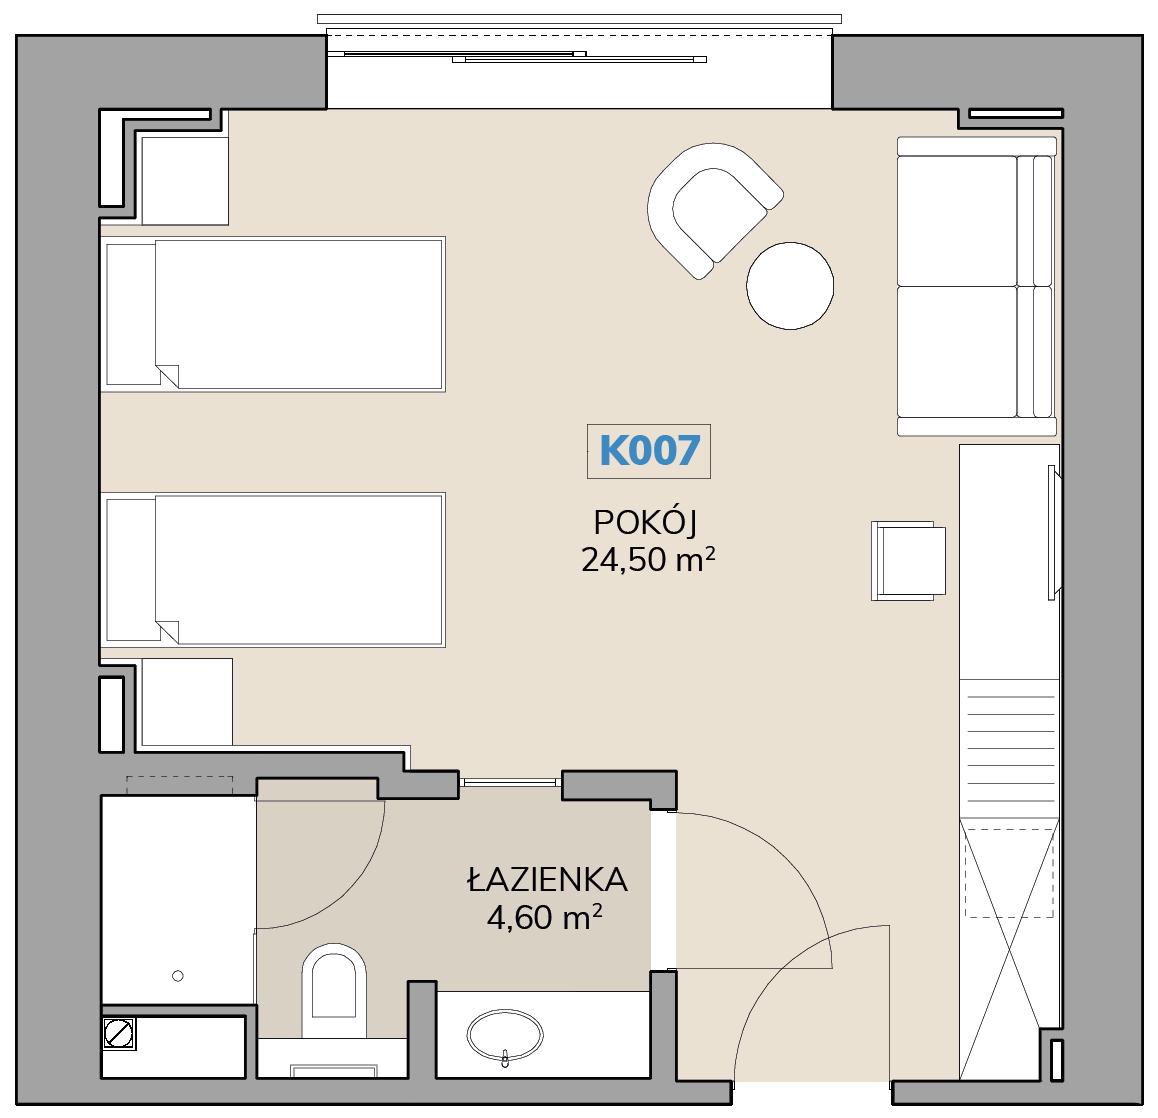 Apartament K007